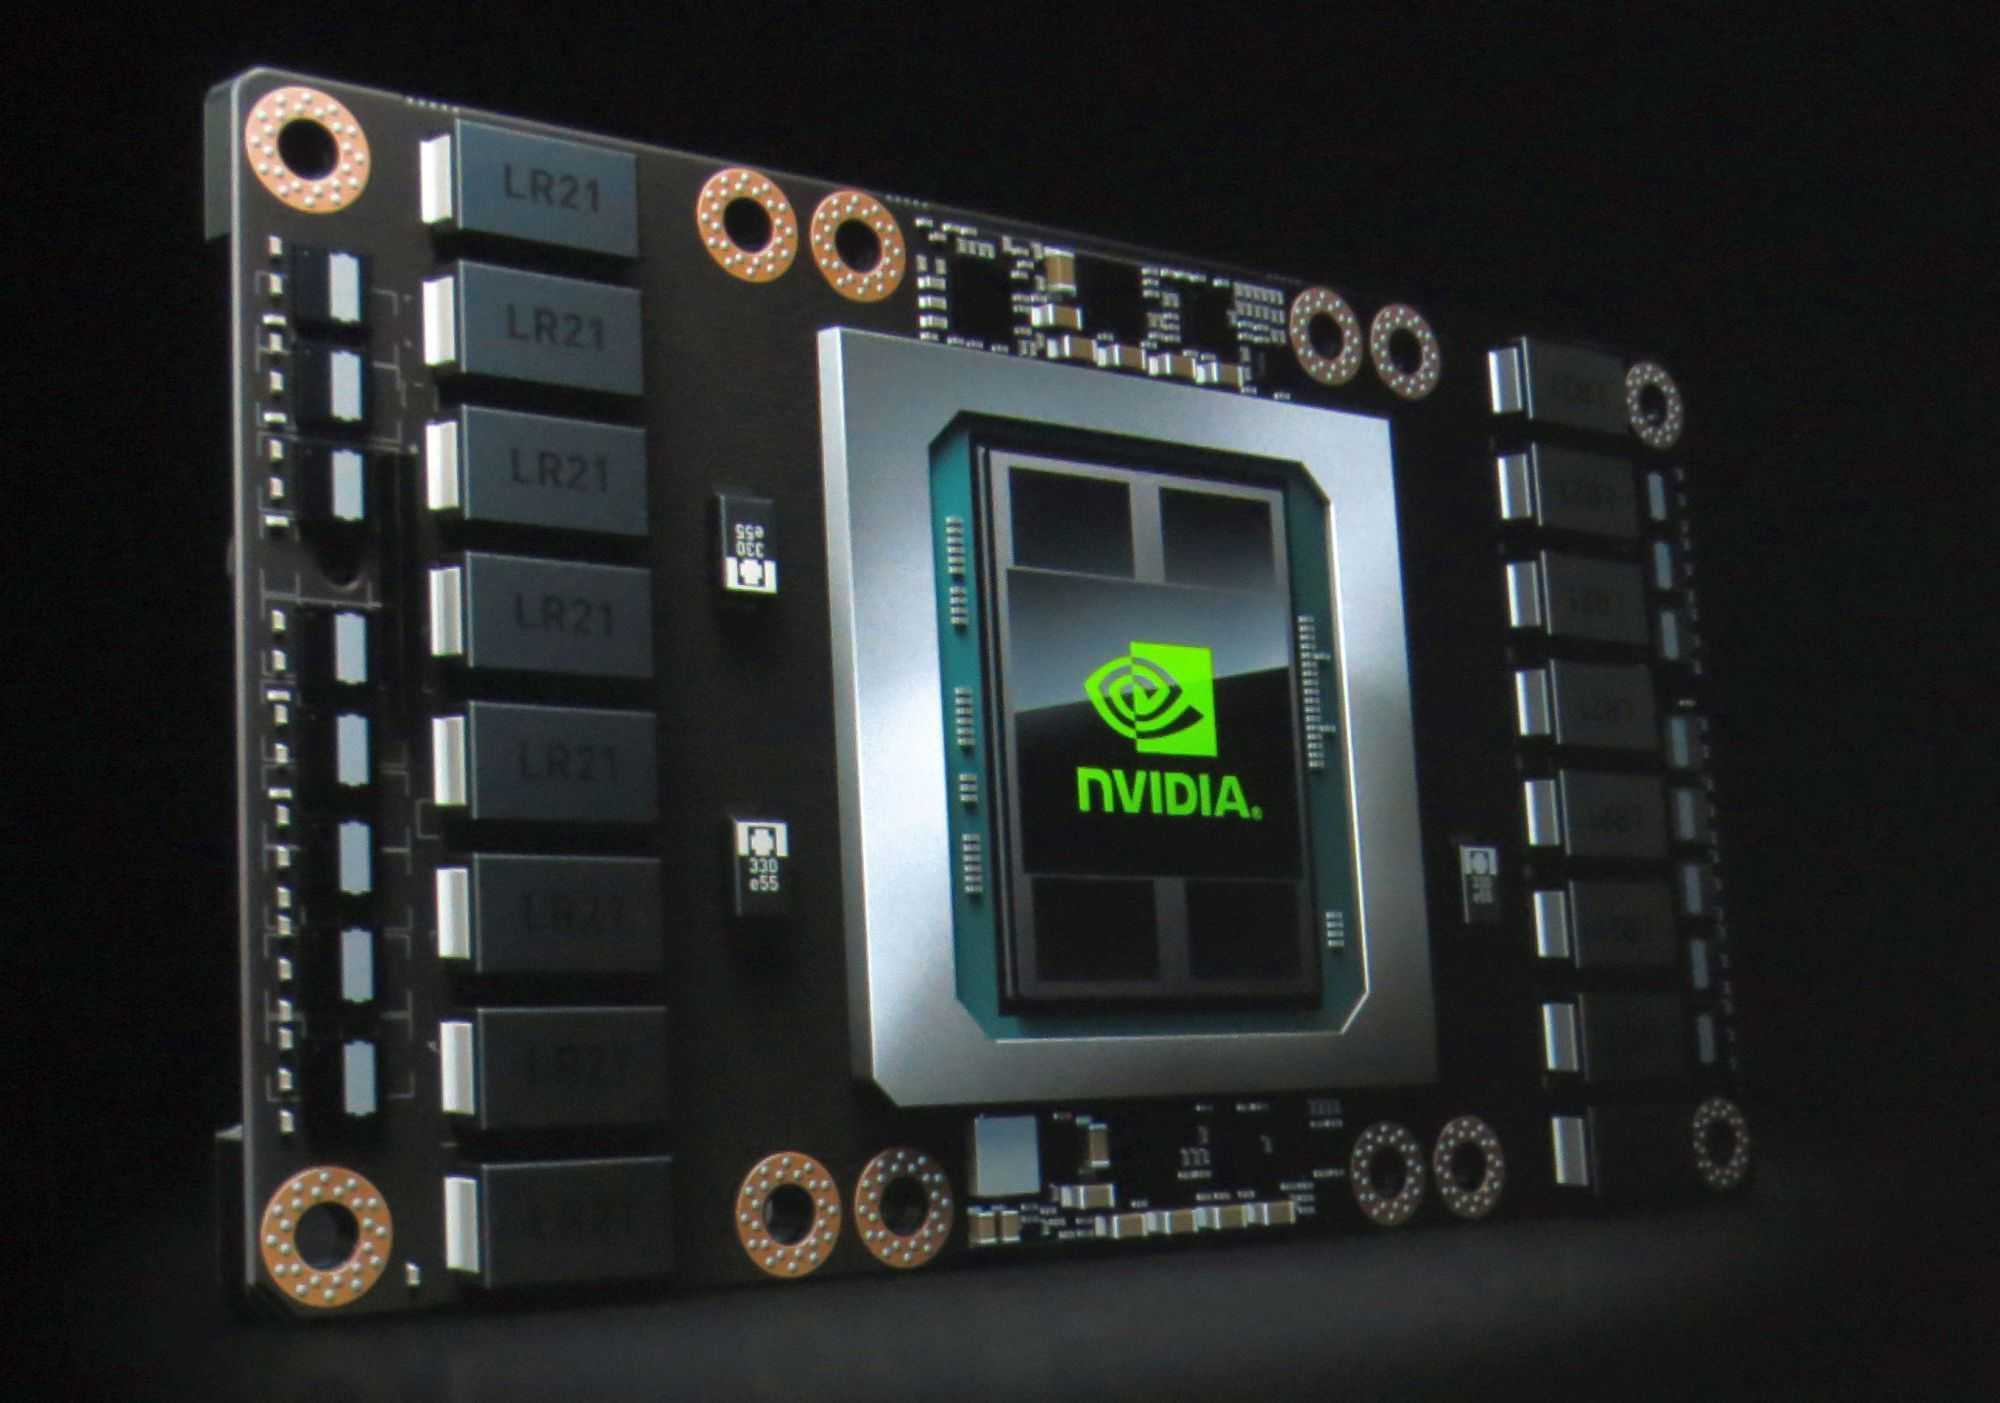 Der Rechenbeschleuniger Tesla P100 bietet 16 GByte gestapelten HBM2-Speicher.